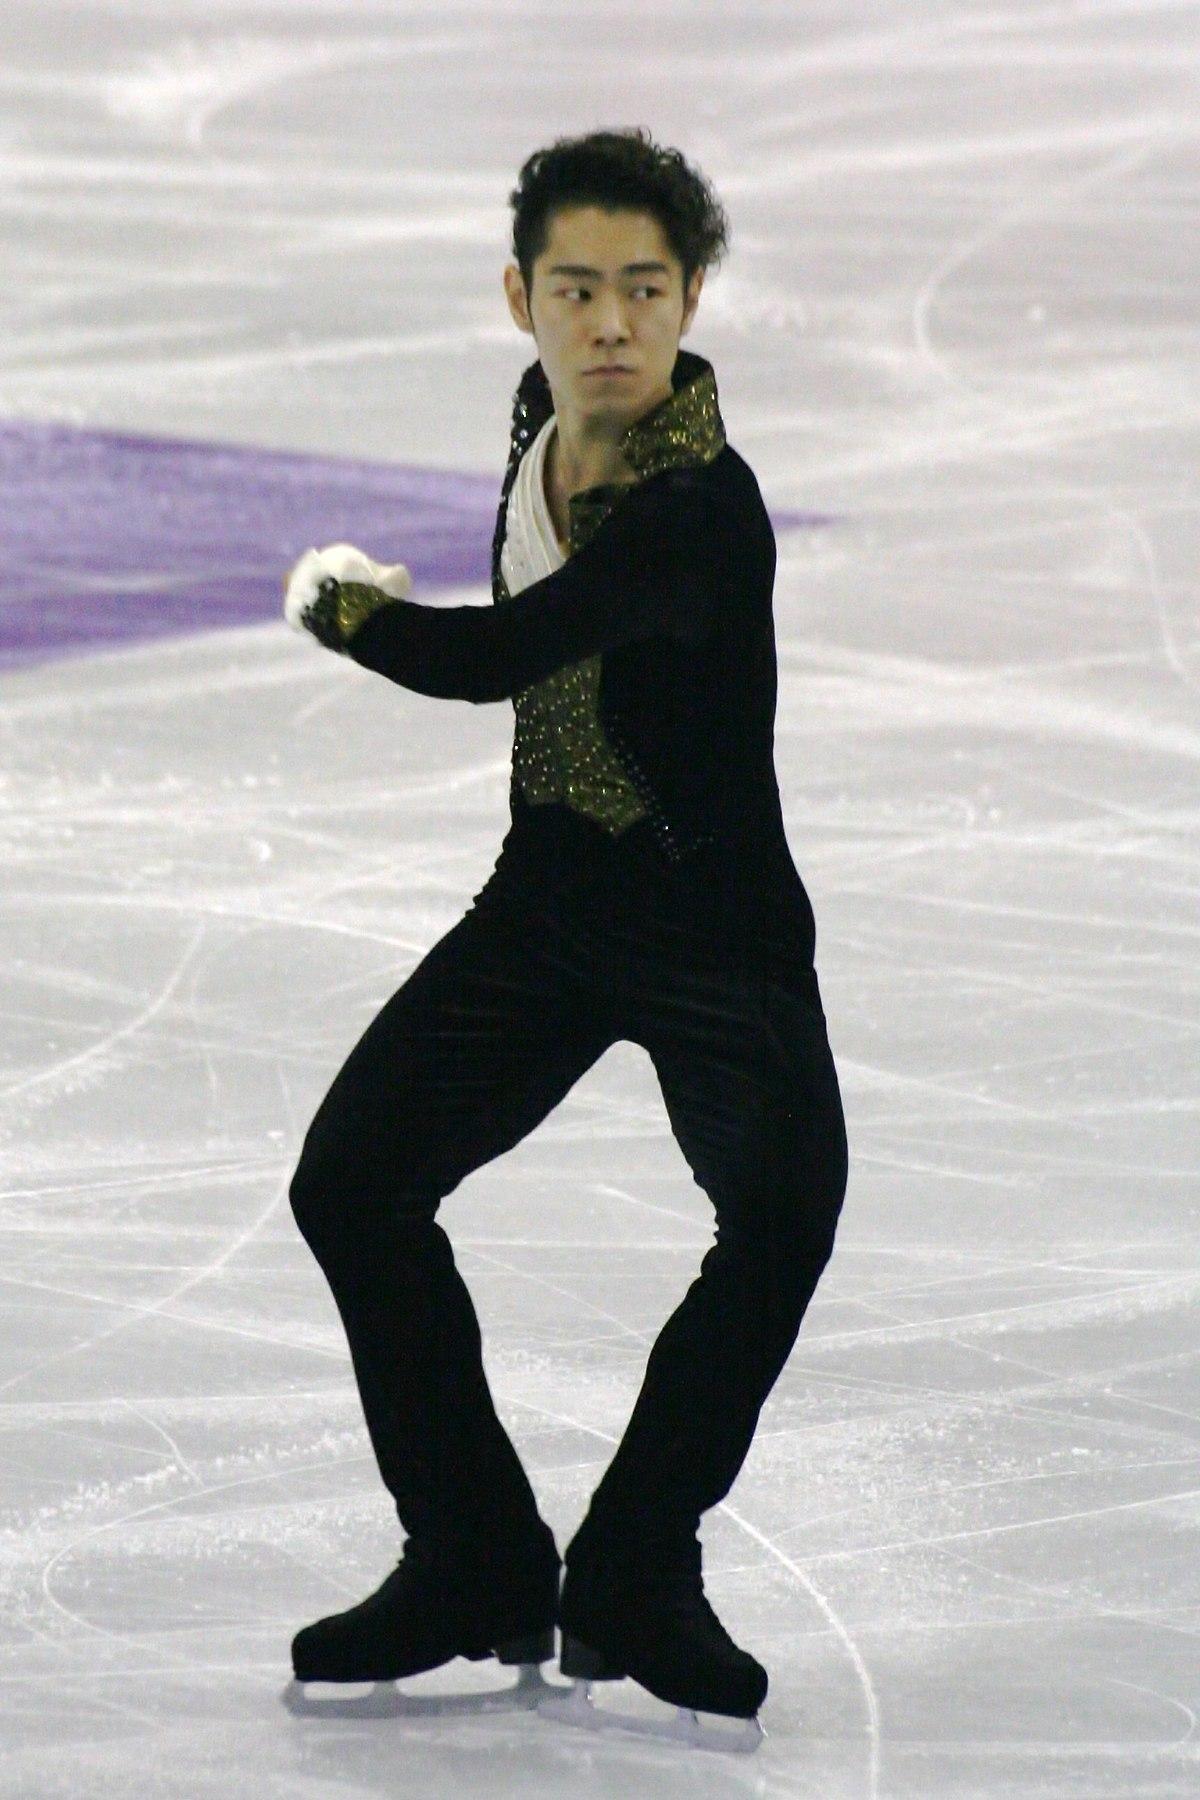 Daisuke Murakami Figure Skater Wikipedia